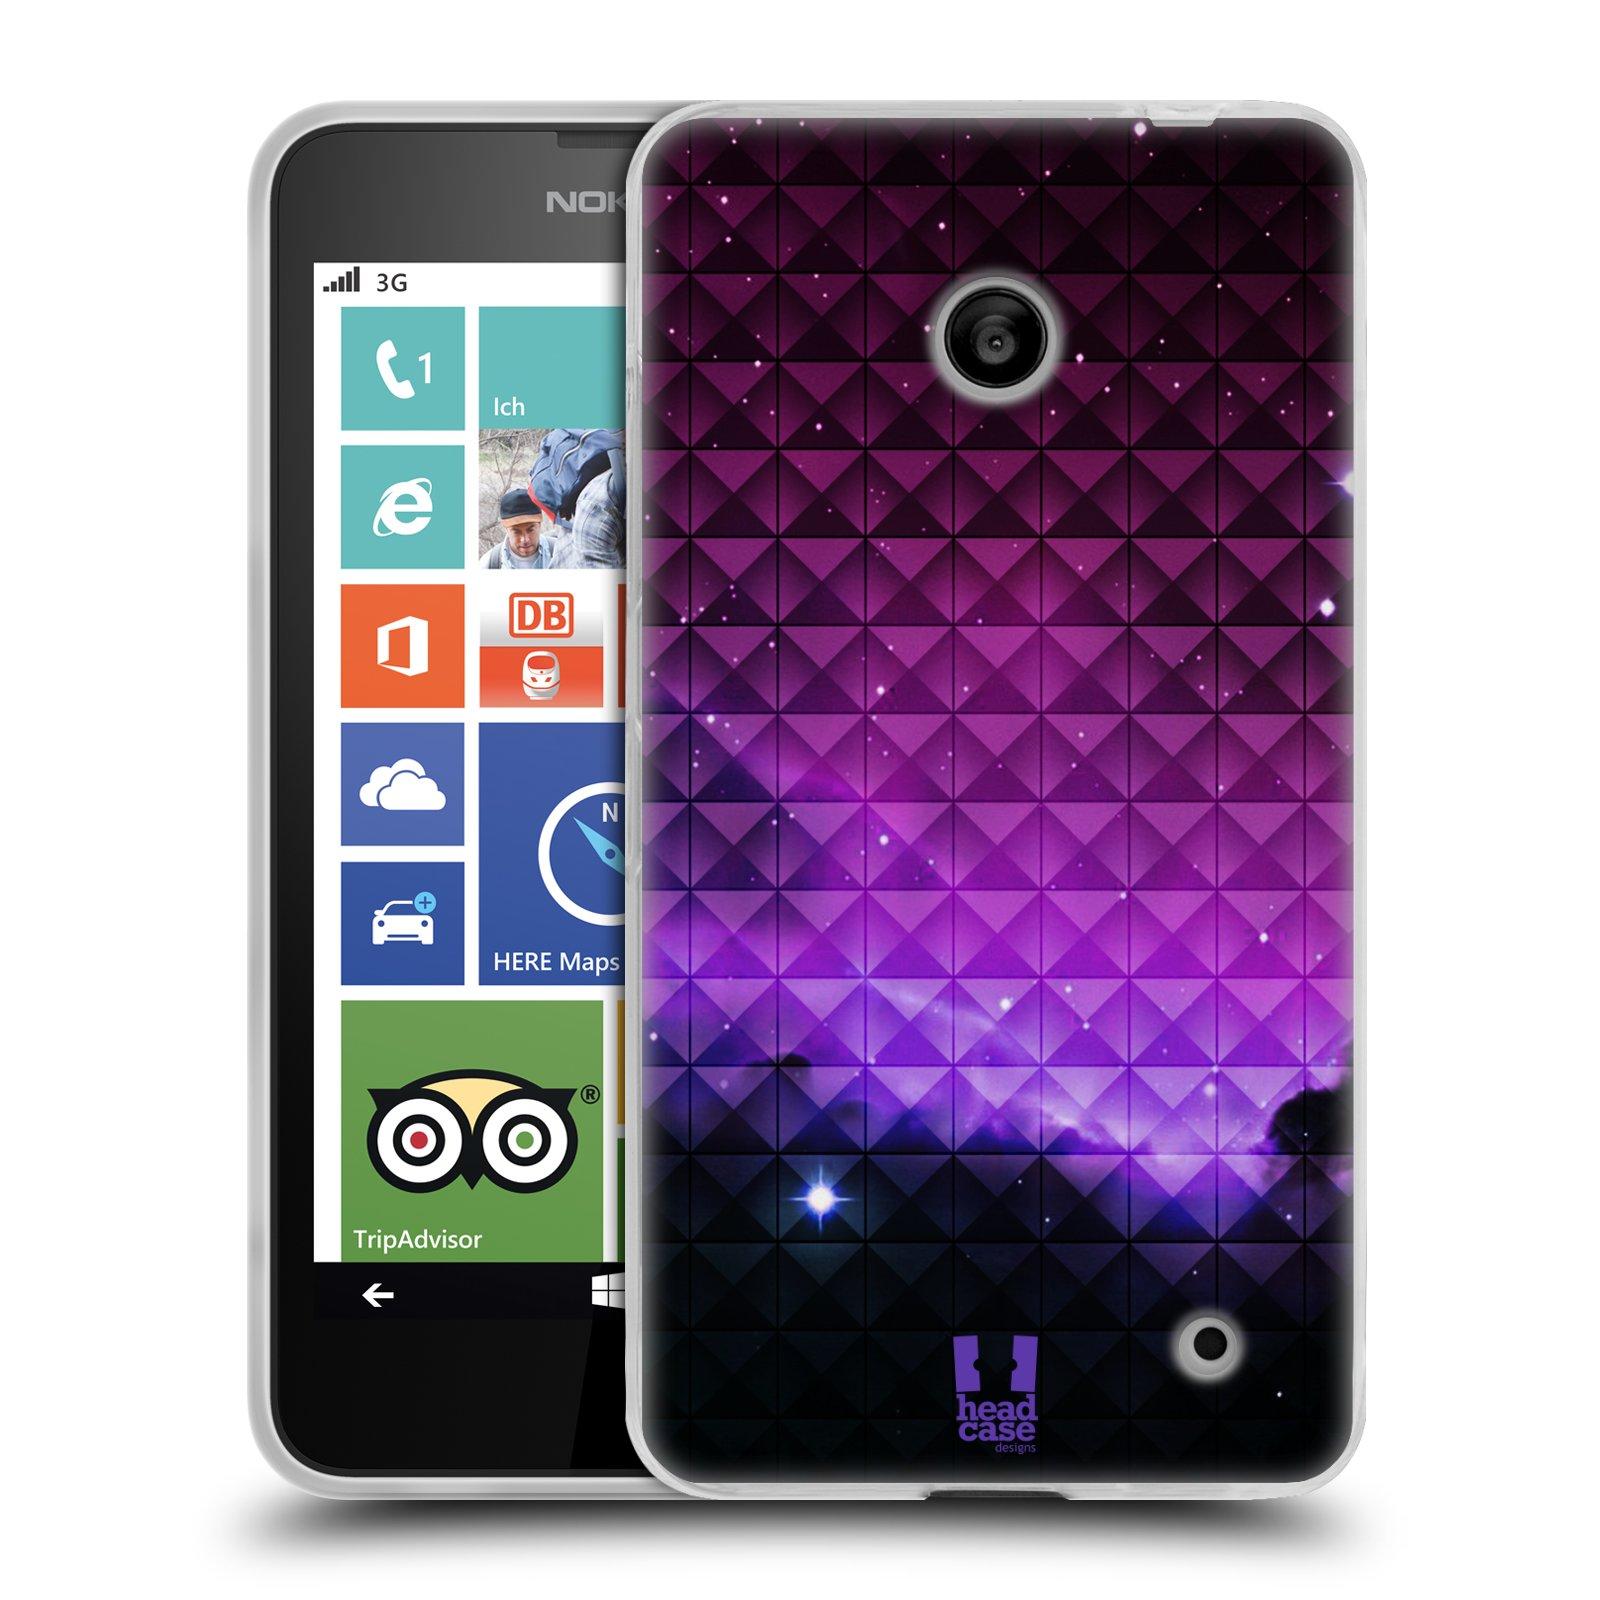 Silikonové pouzdro na mobil Nokia Lumia 630 HEAD CASE PURPLE HAZE (Silikonový kryt či obal na mobilní telefon Nokia Lumia 630 a Nokia Lumia 630 Dual SIM)